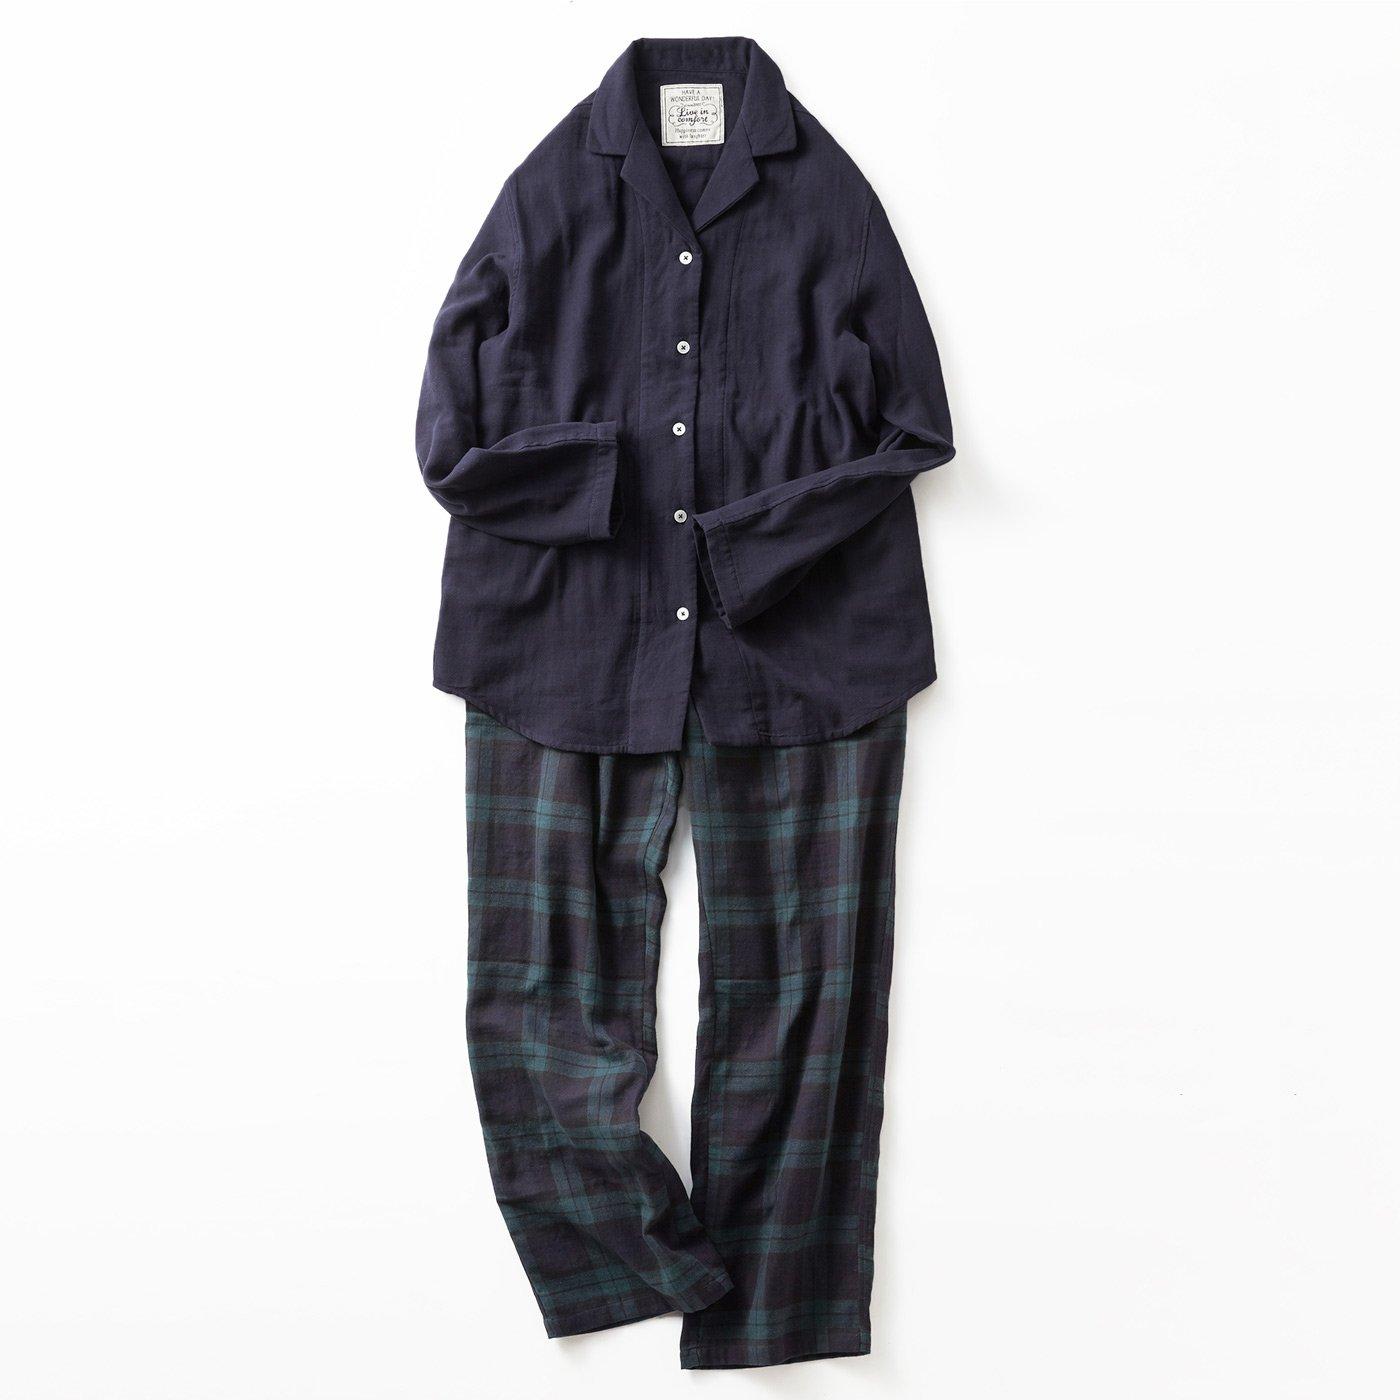 宅配便も取りにいける! リブ イン コンフォート コットン100% ダブルガーゼのパジャマ 〈ブラックウォッチ〉